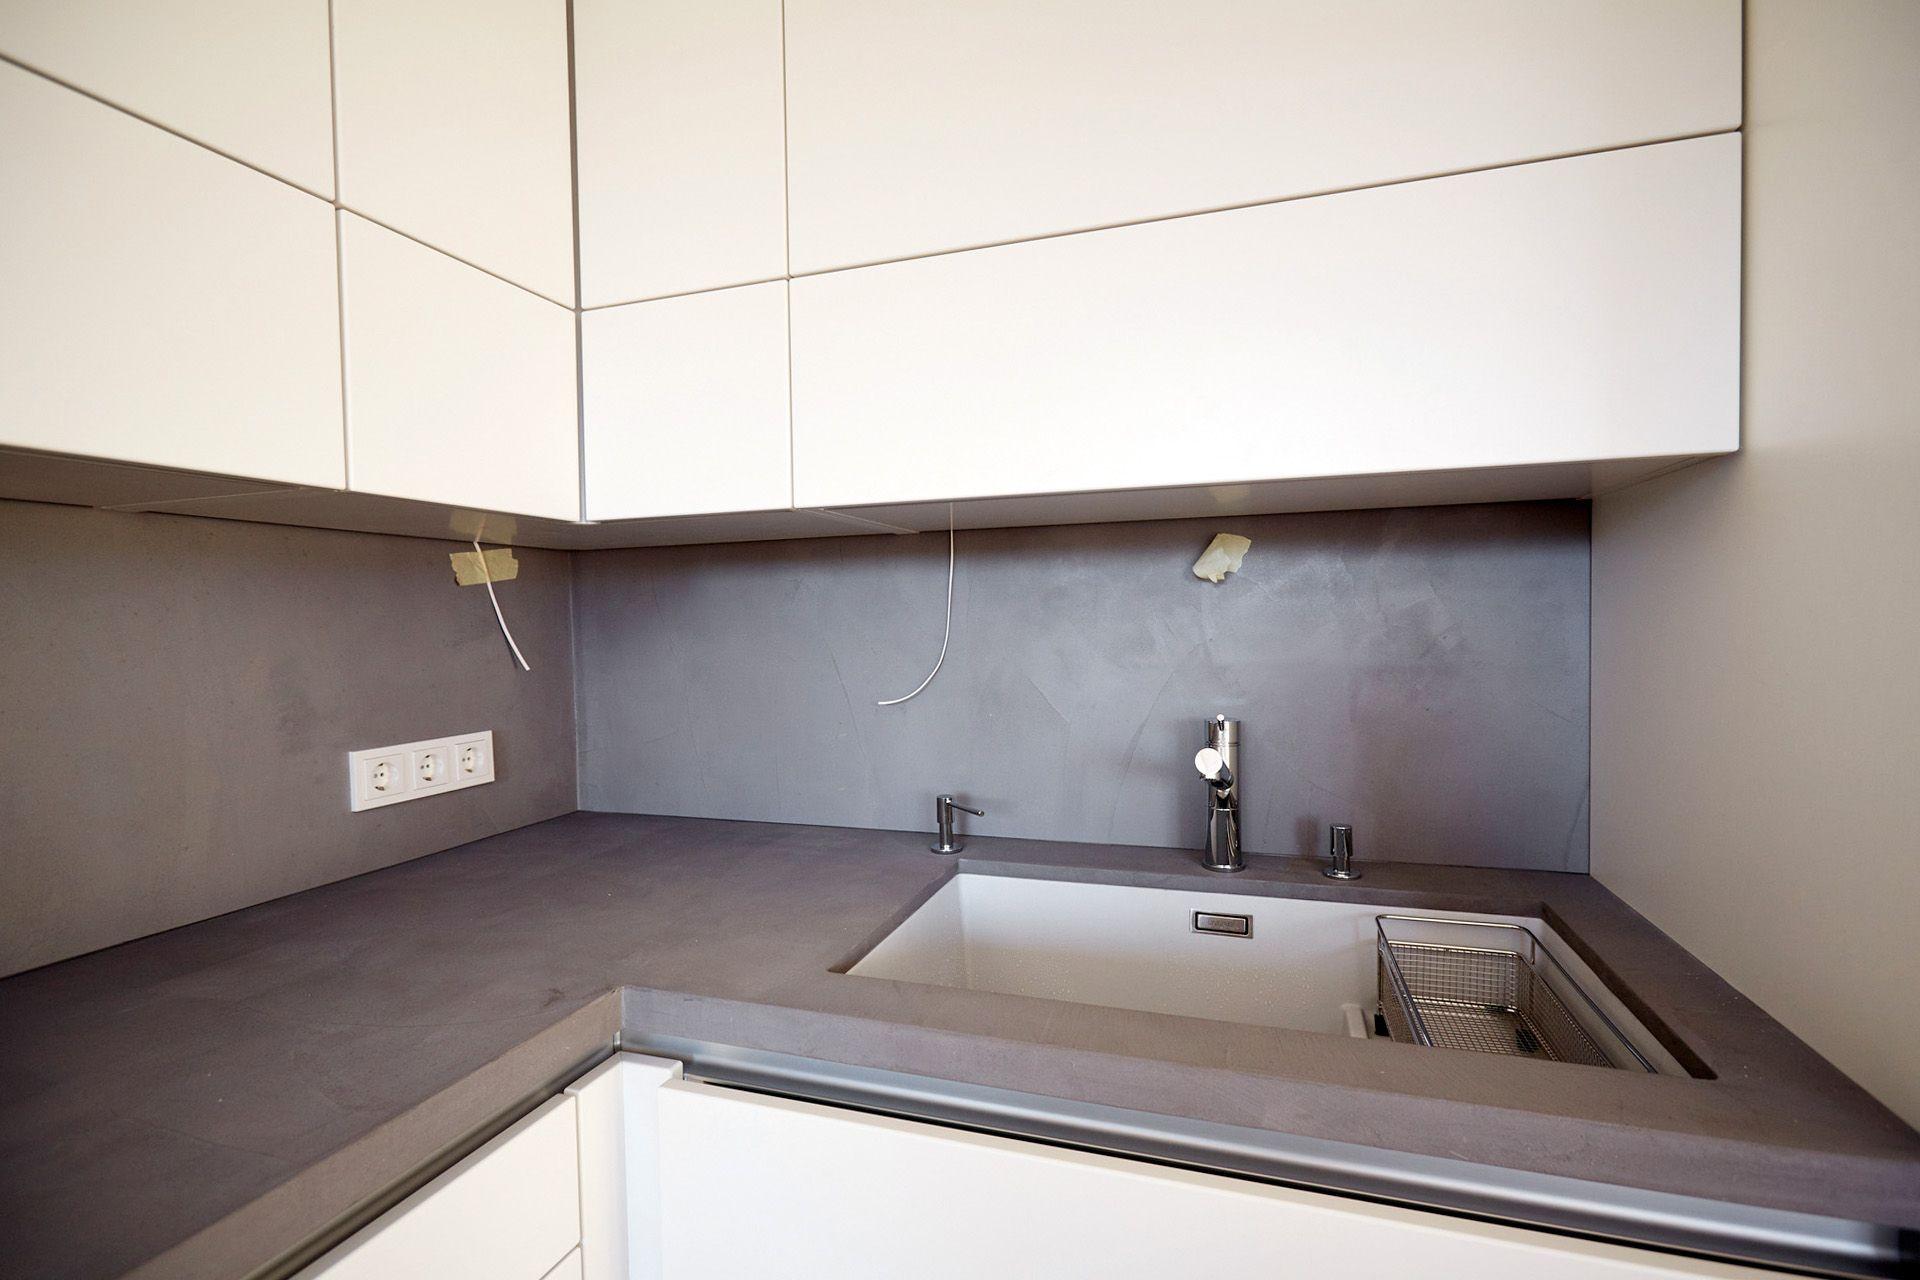 Beton Küchenarbeitsplatte küchenarbeitsplatte und spritzschutz béton ciré original farbe 63